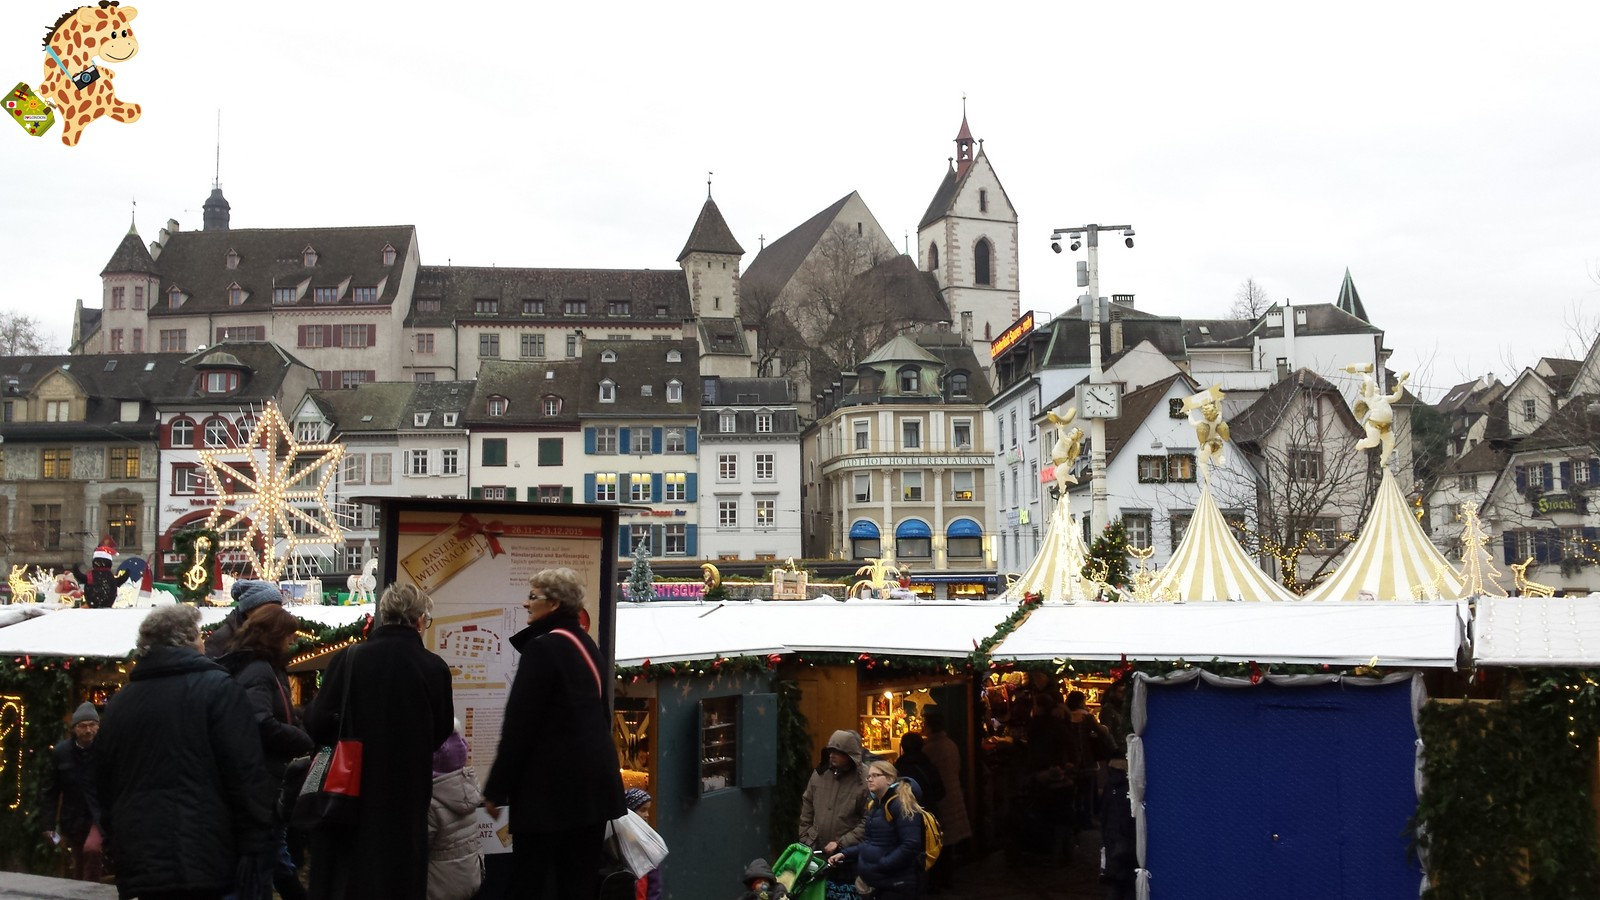 Qué ver en Basilea en 1 día?